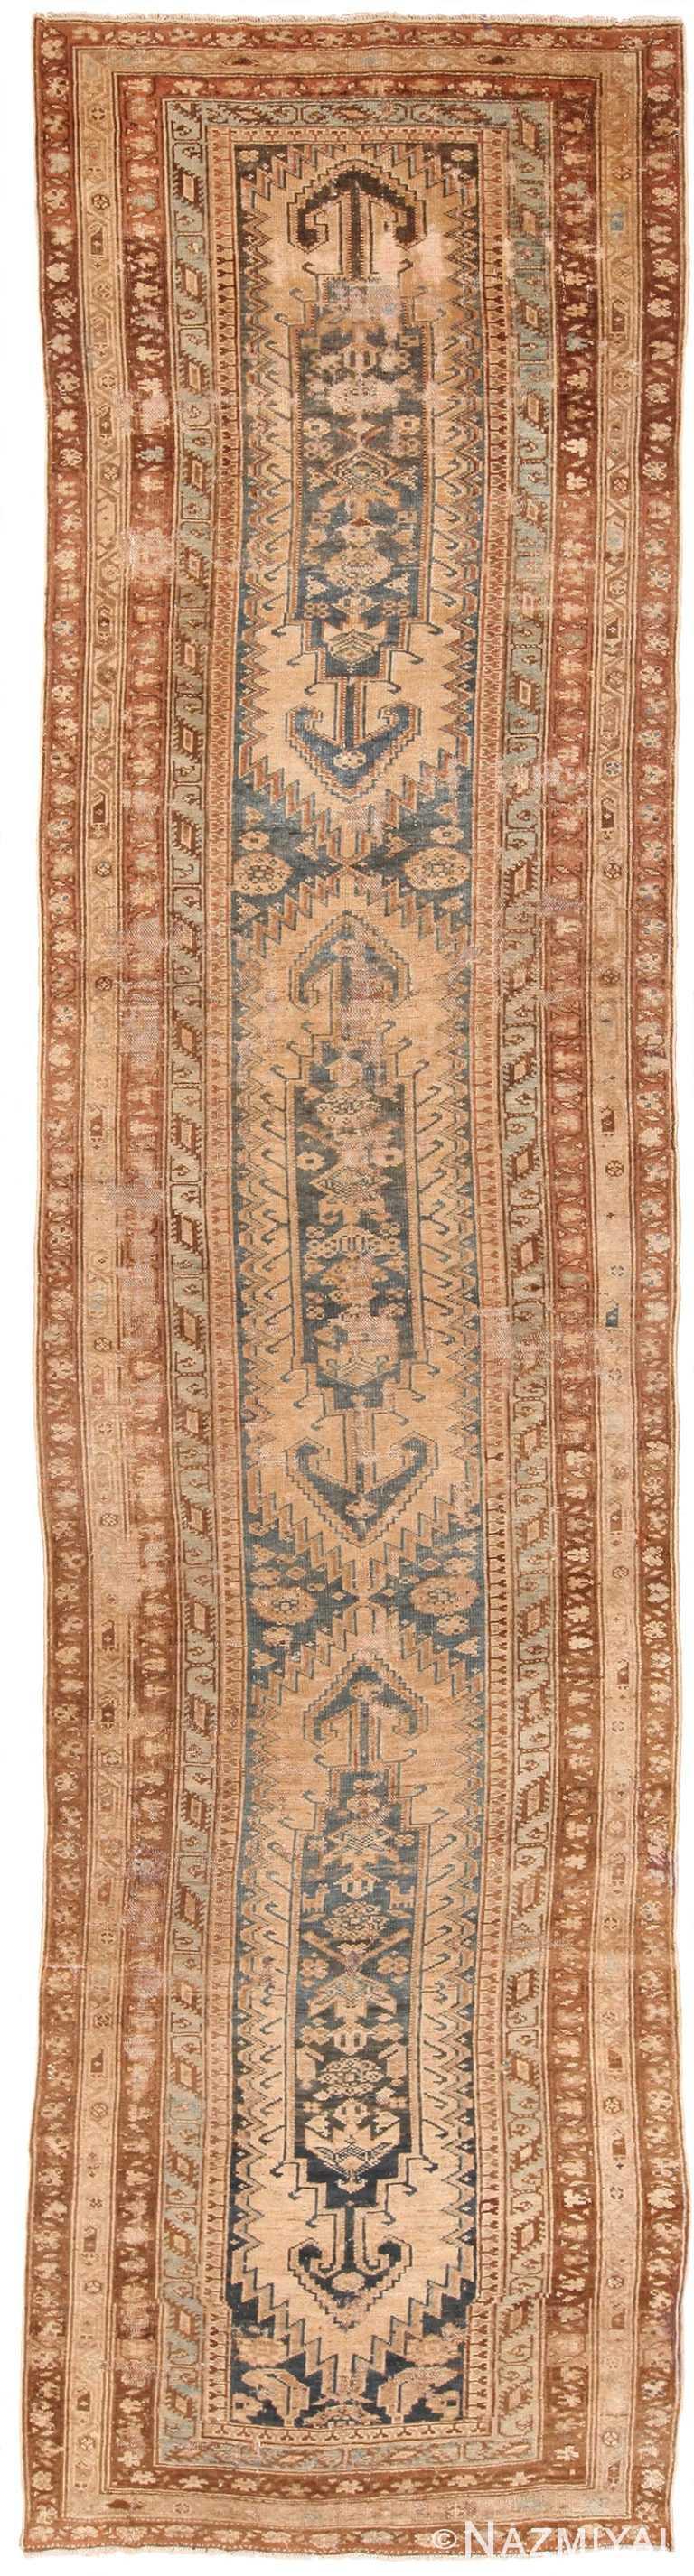 Antique Persian Malayer Runner Rug 50409 by Nazmiyal NYC